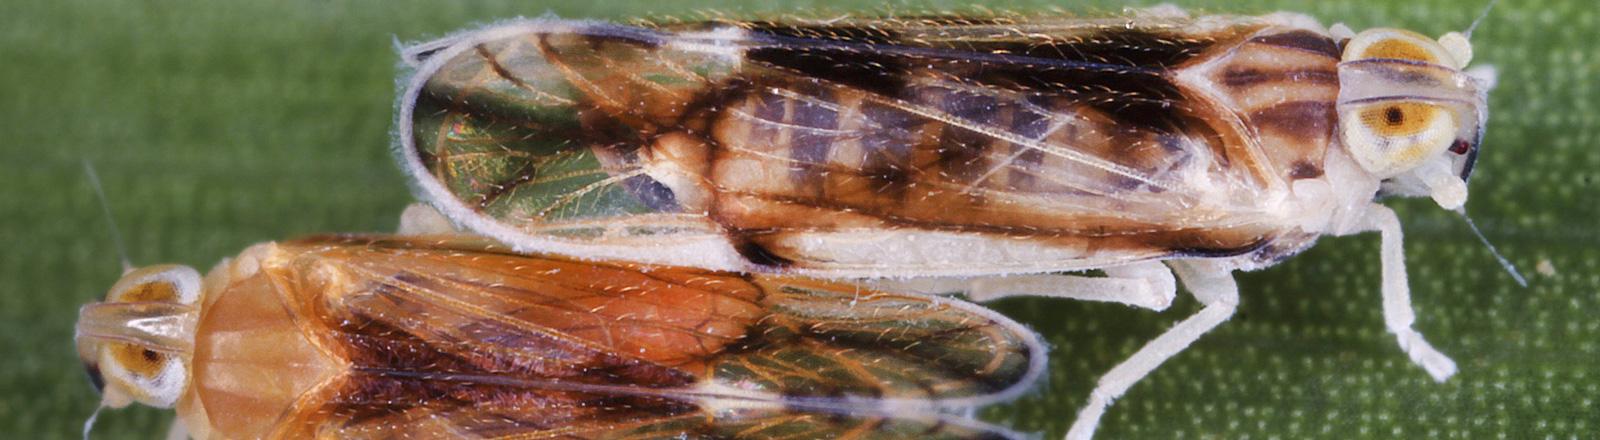 Zwei Zikaden auf einem Blatt